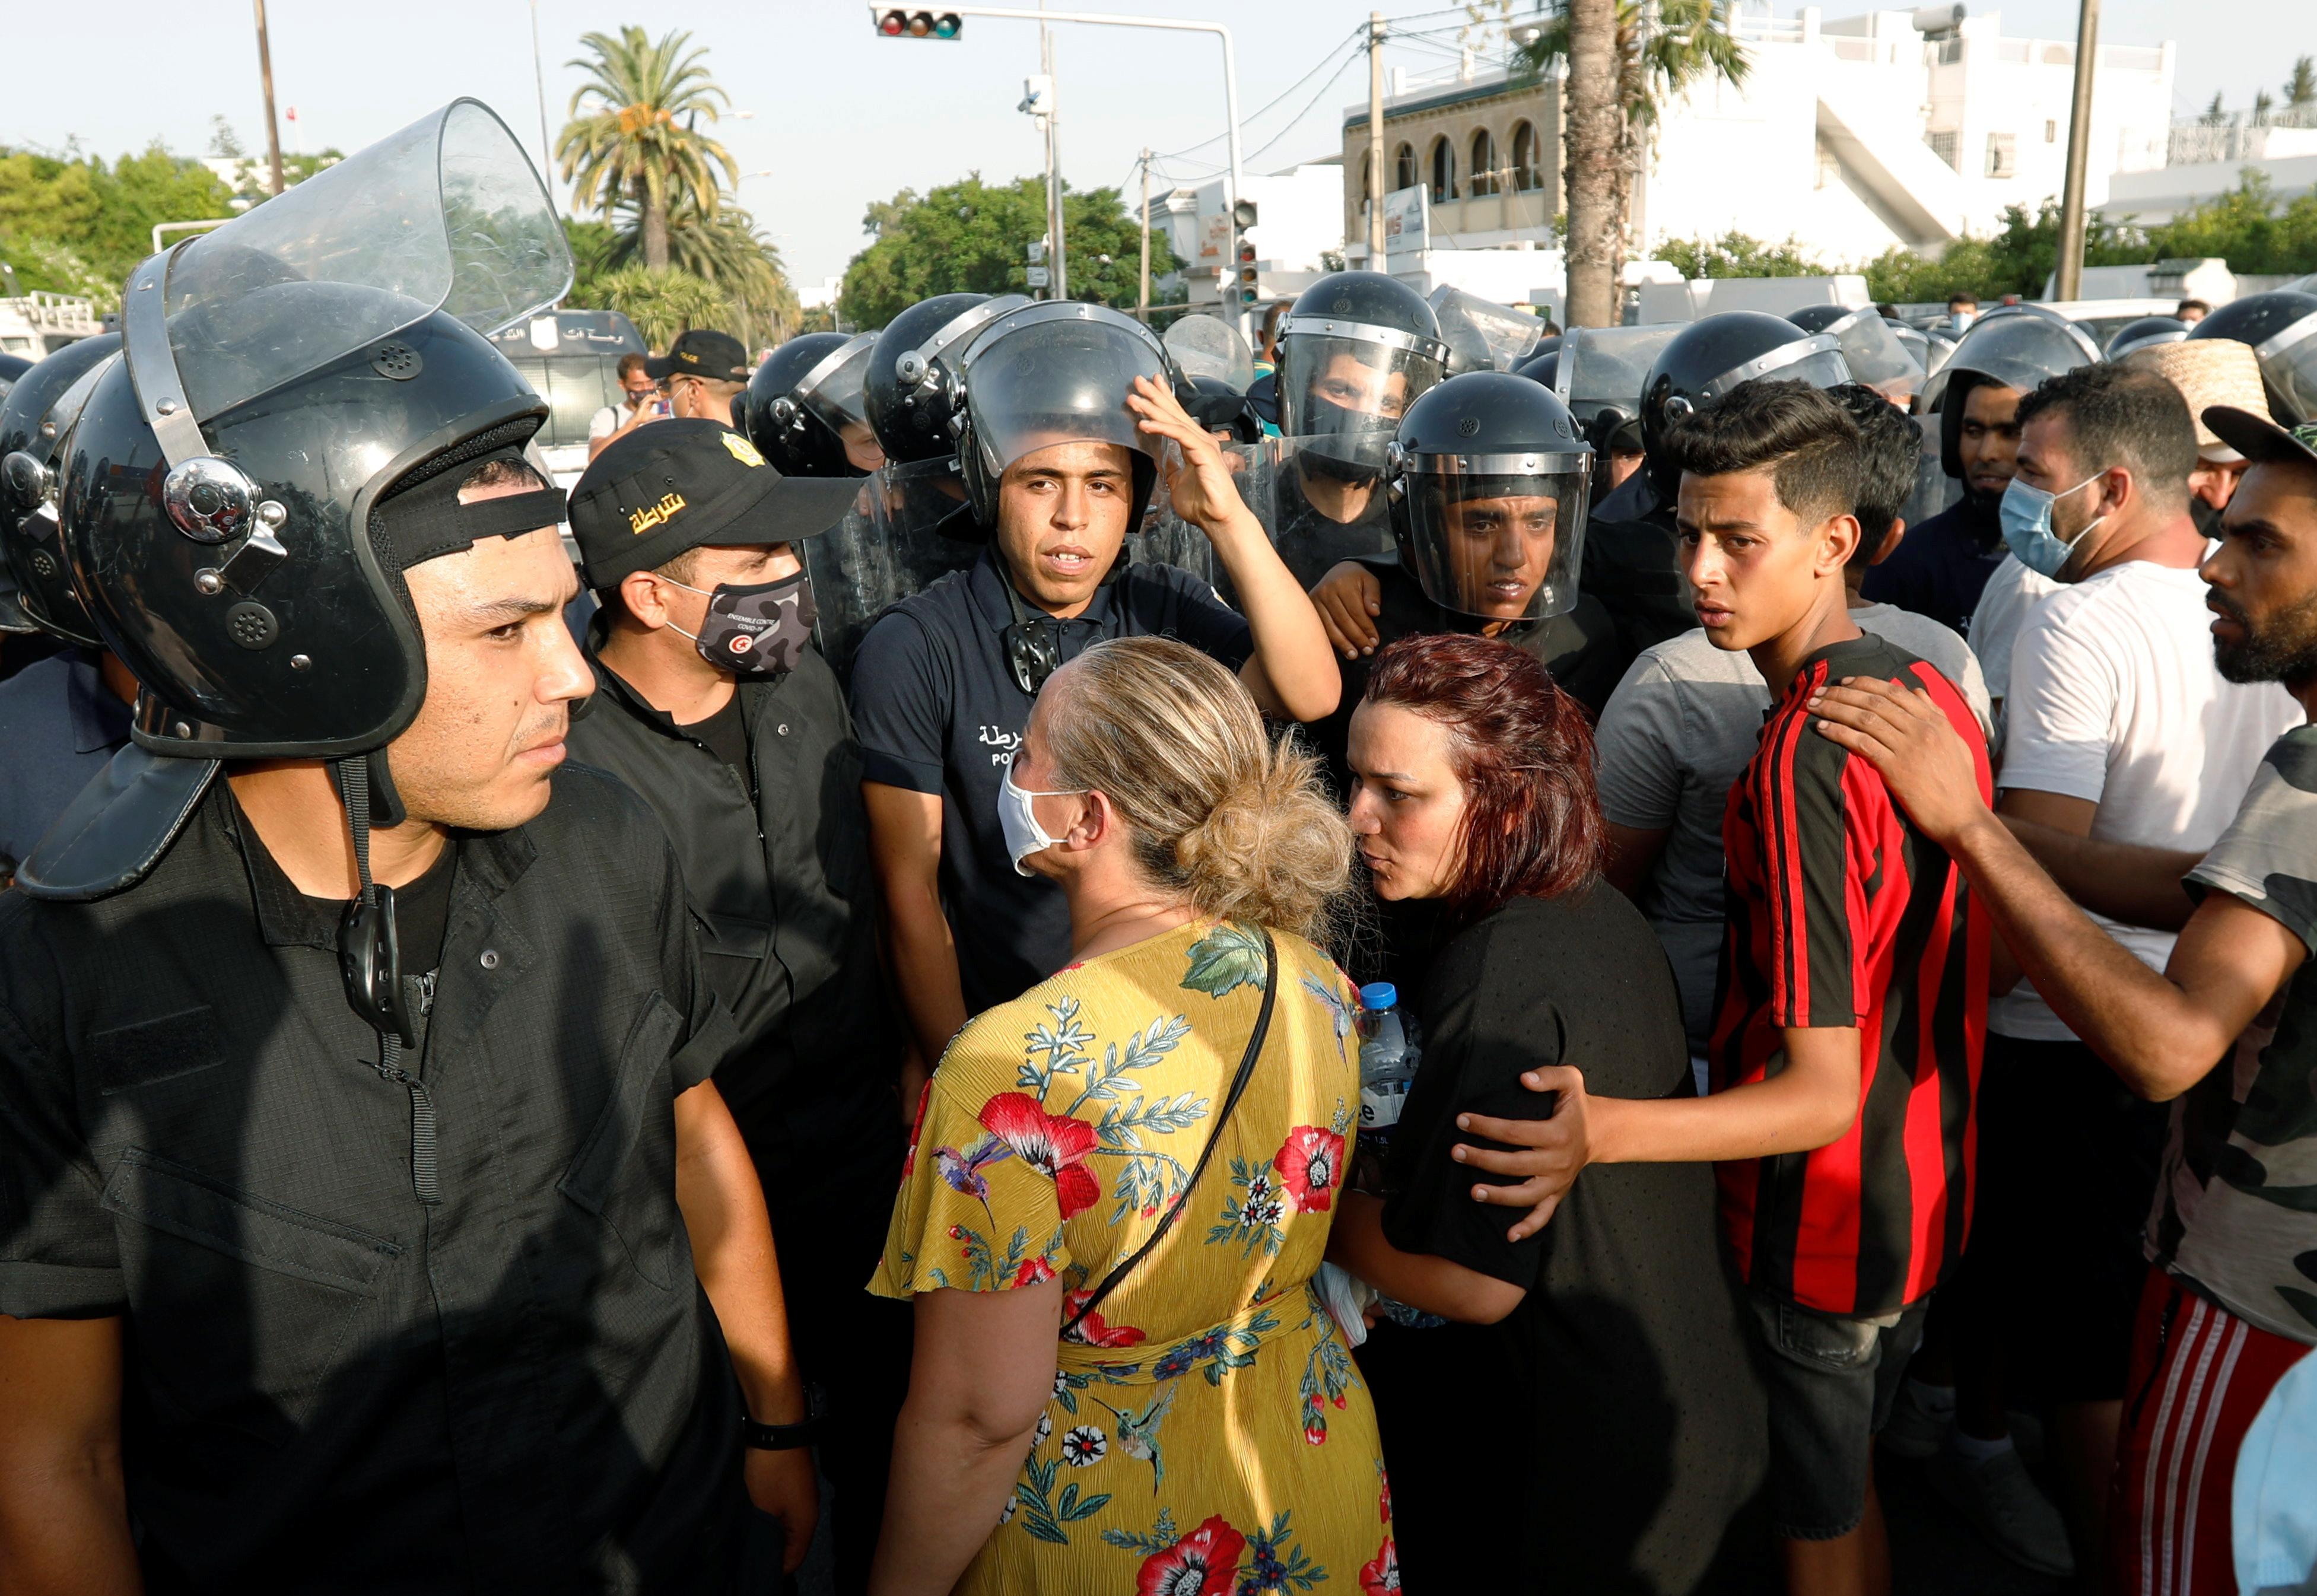 2021 07 26T175812Z 254441900 RC2HSO9THREF RTRMADP 3 TUNISIA POLITICS 2